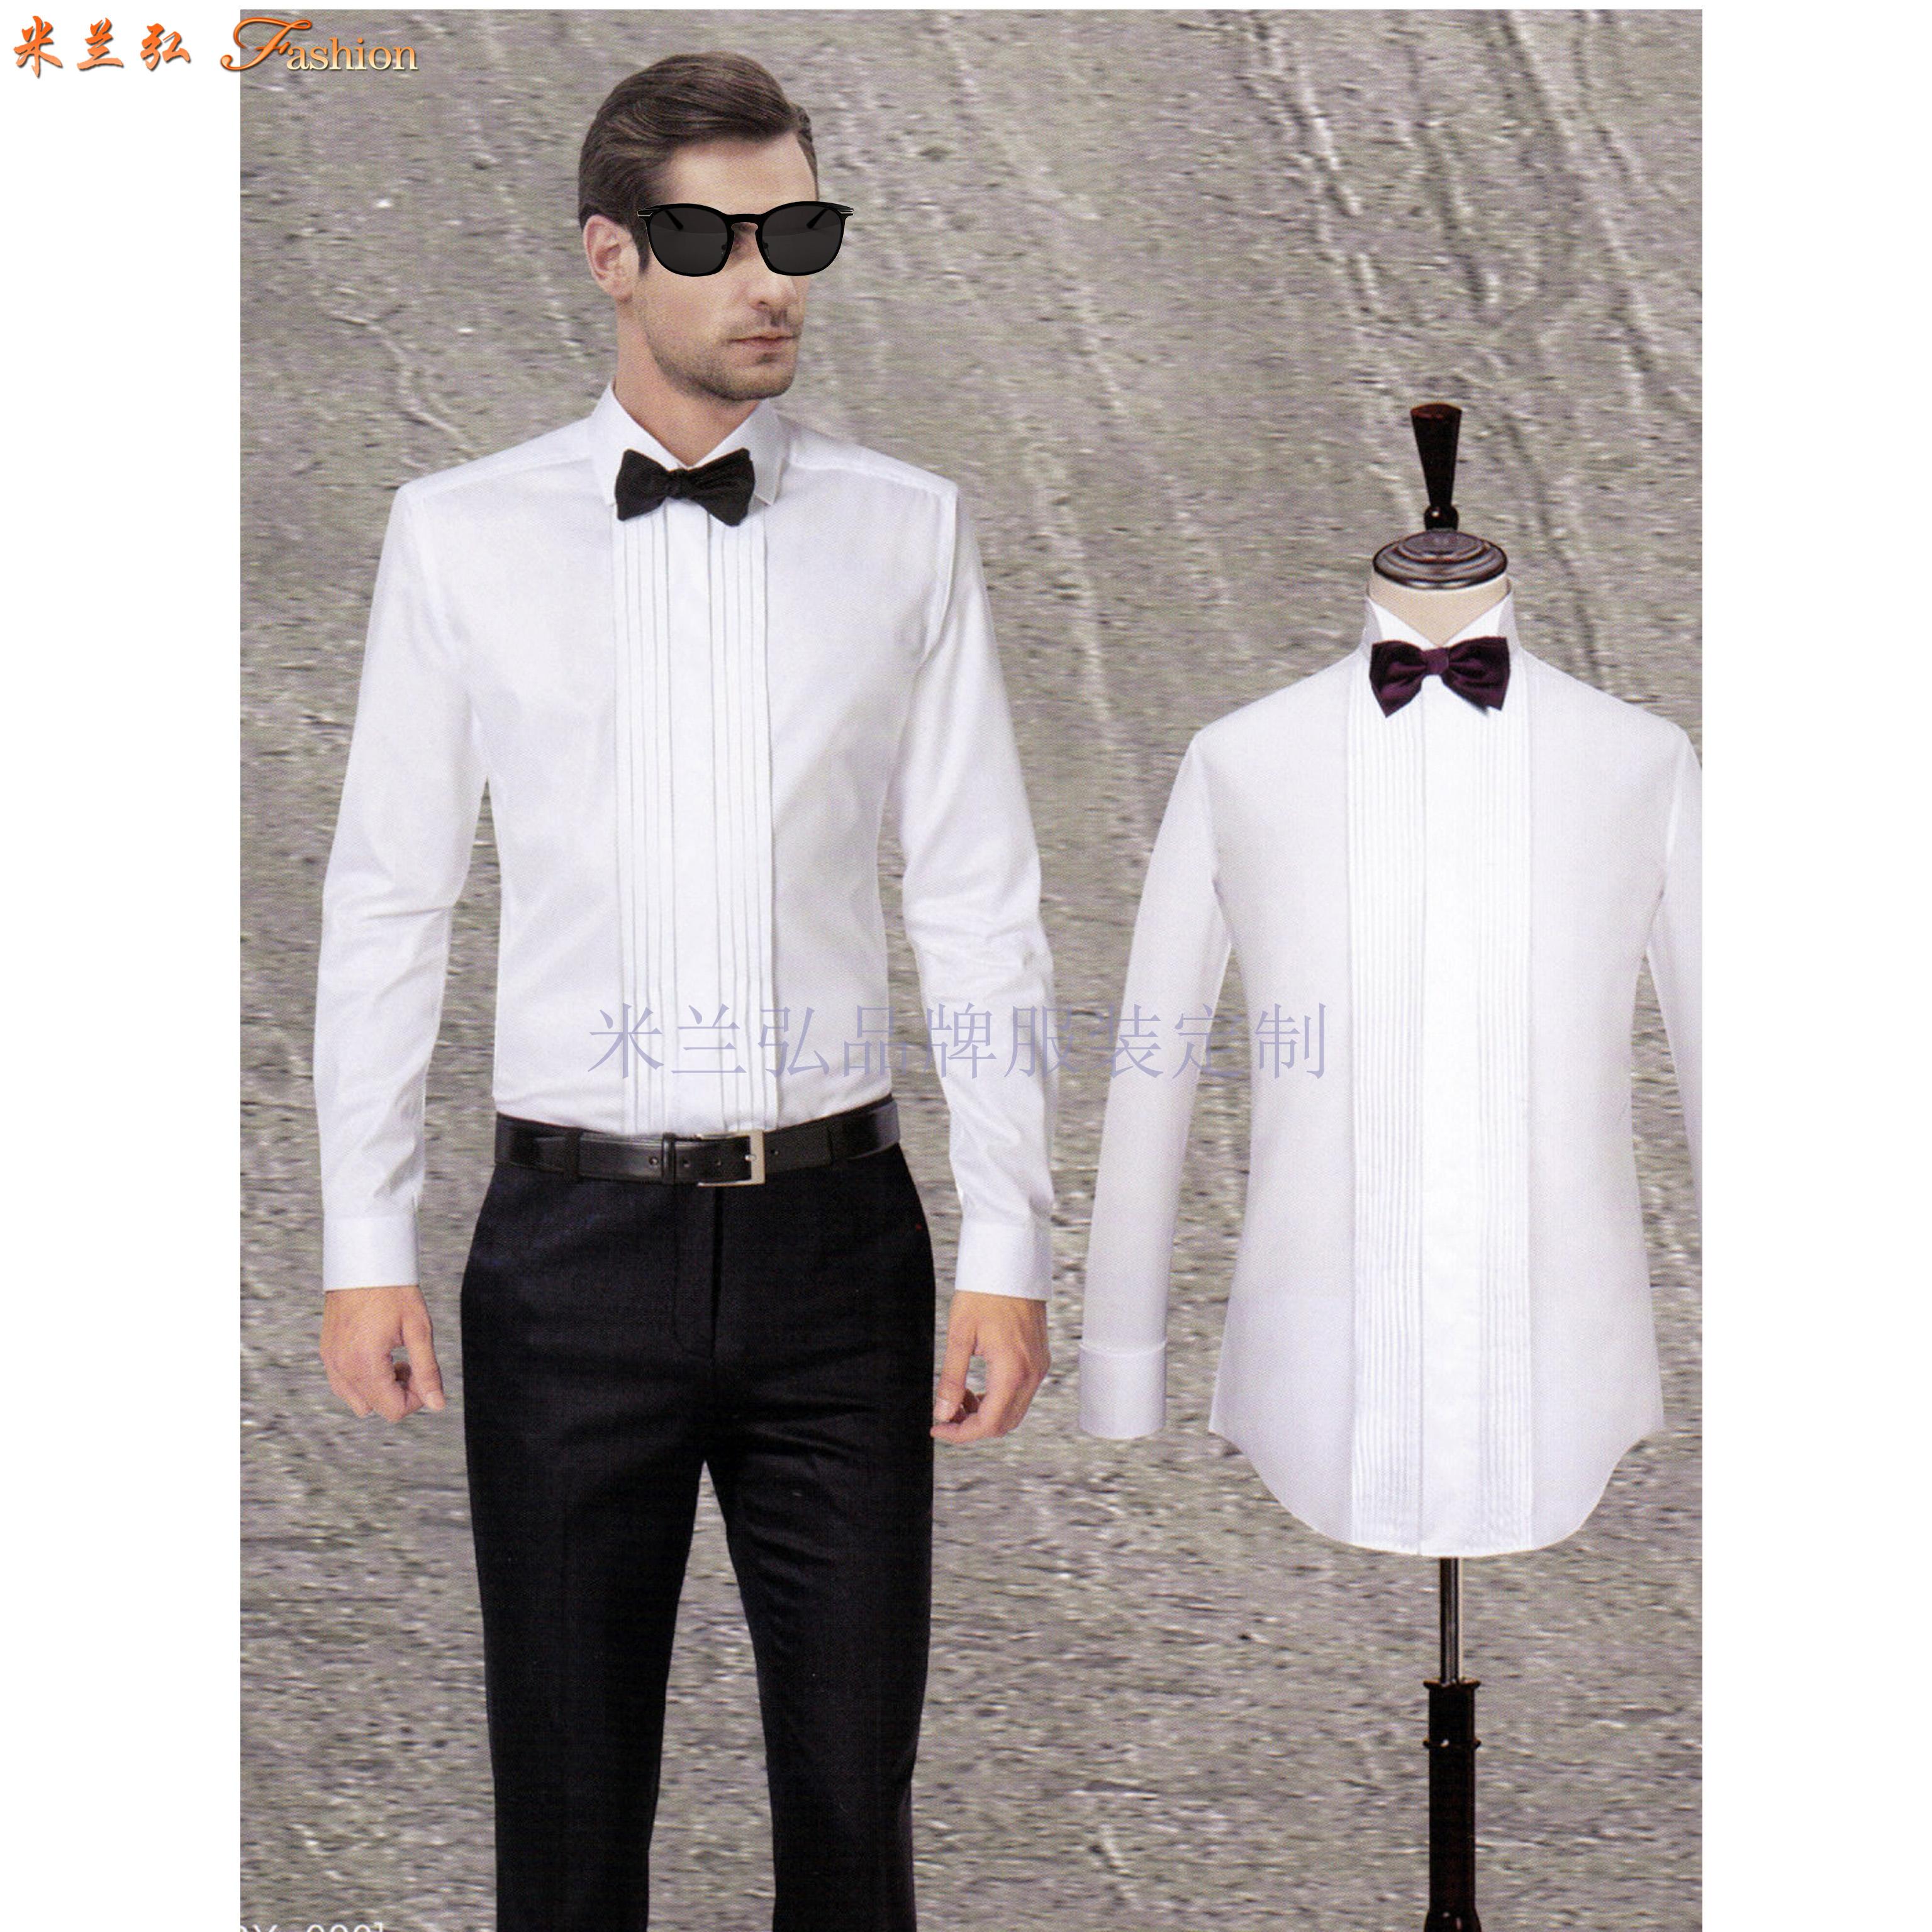 「法式襯衫」定制企業高管純棉免燙法式襯衫、白色防靜電襯衫-3